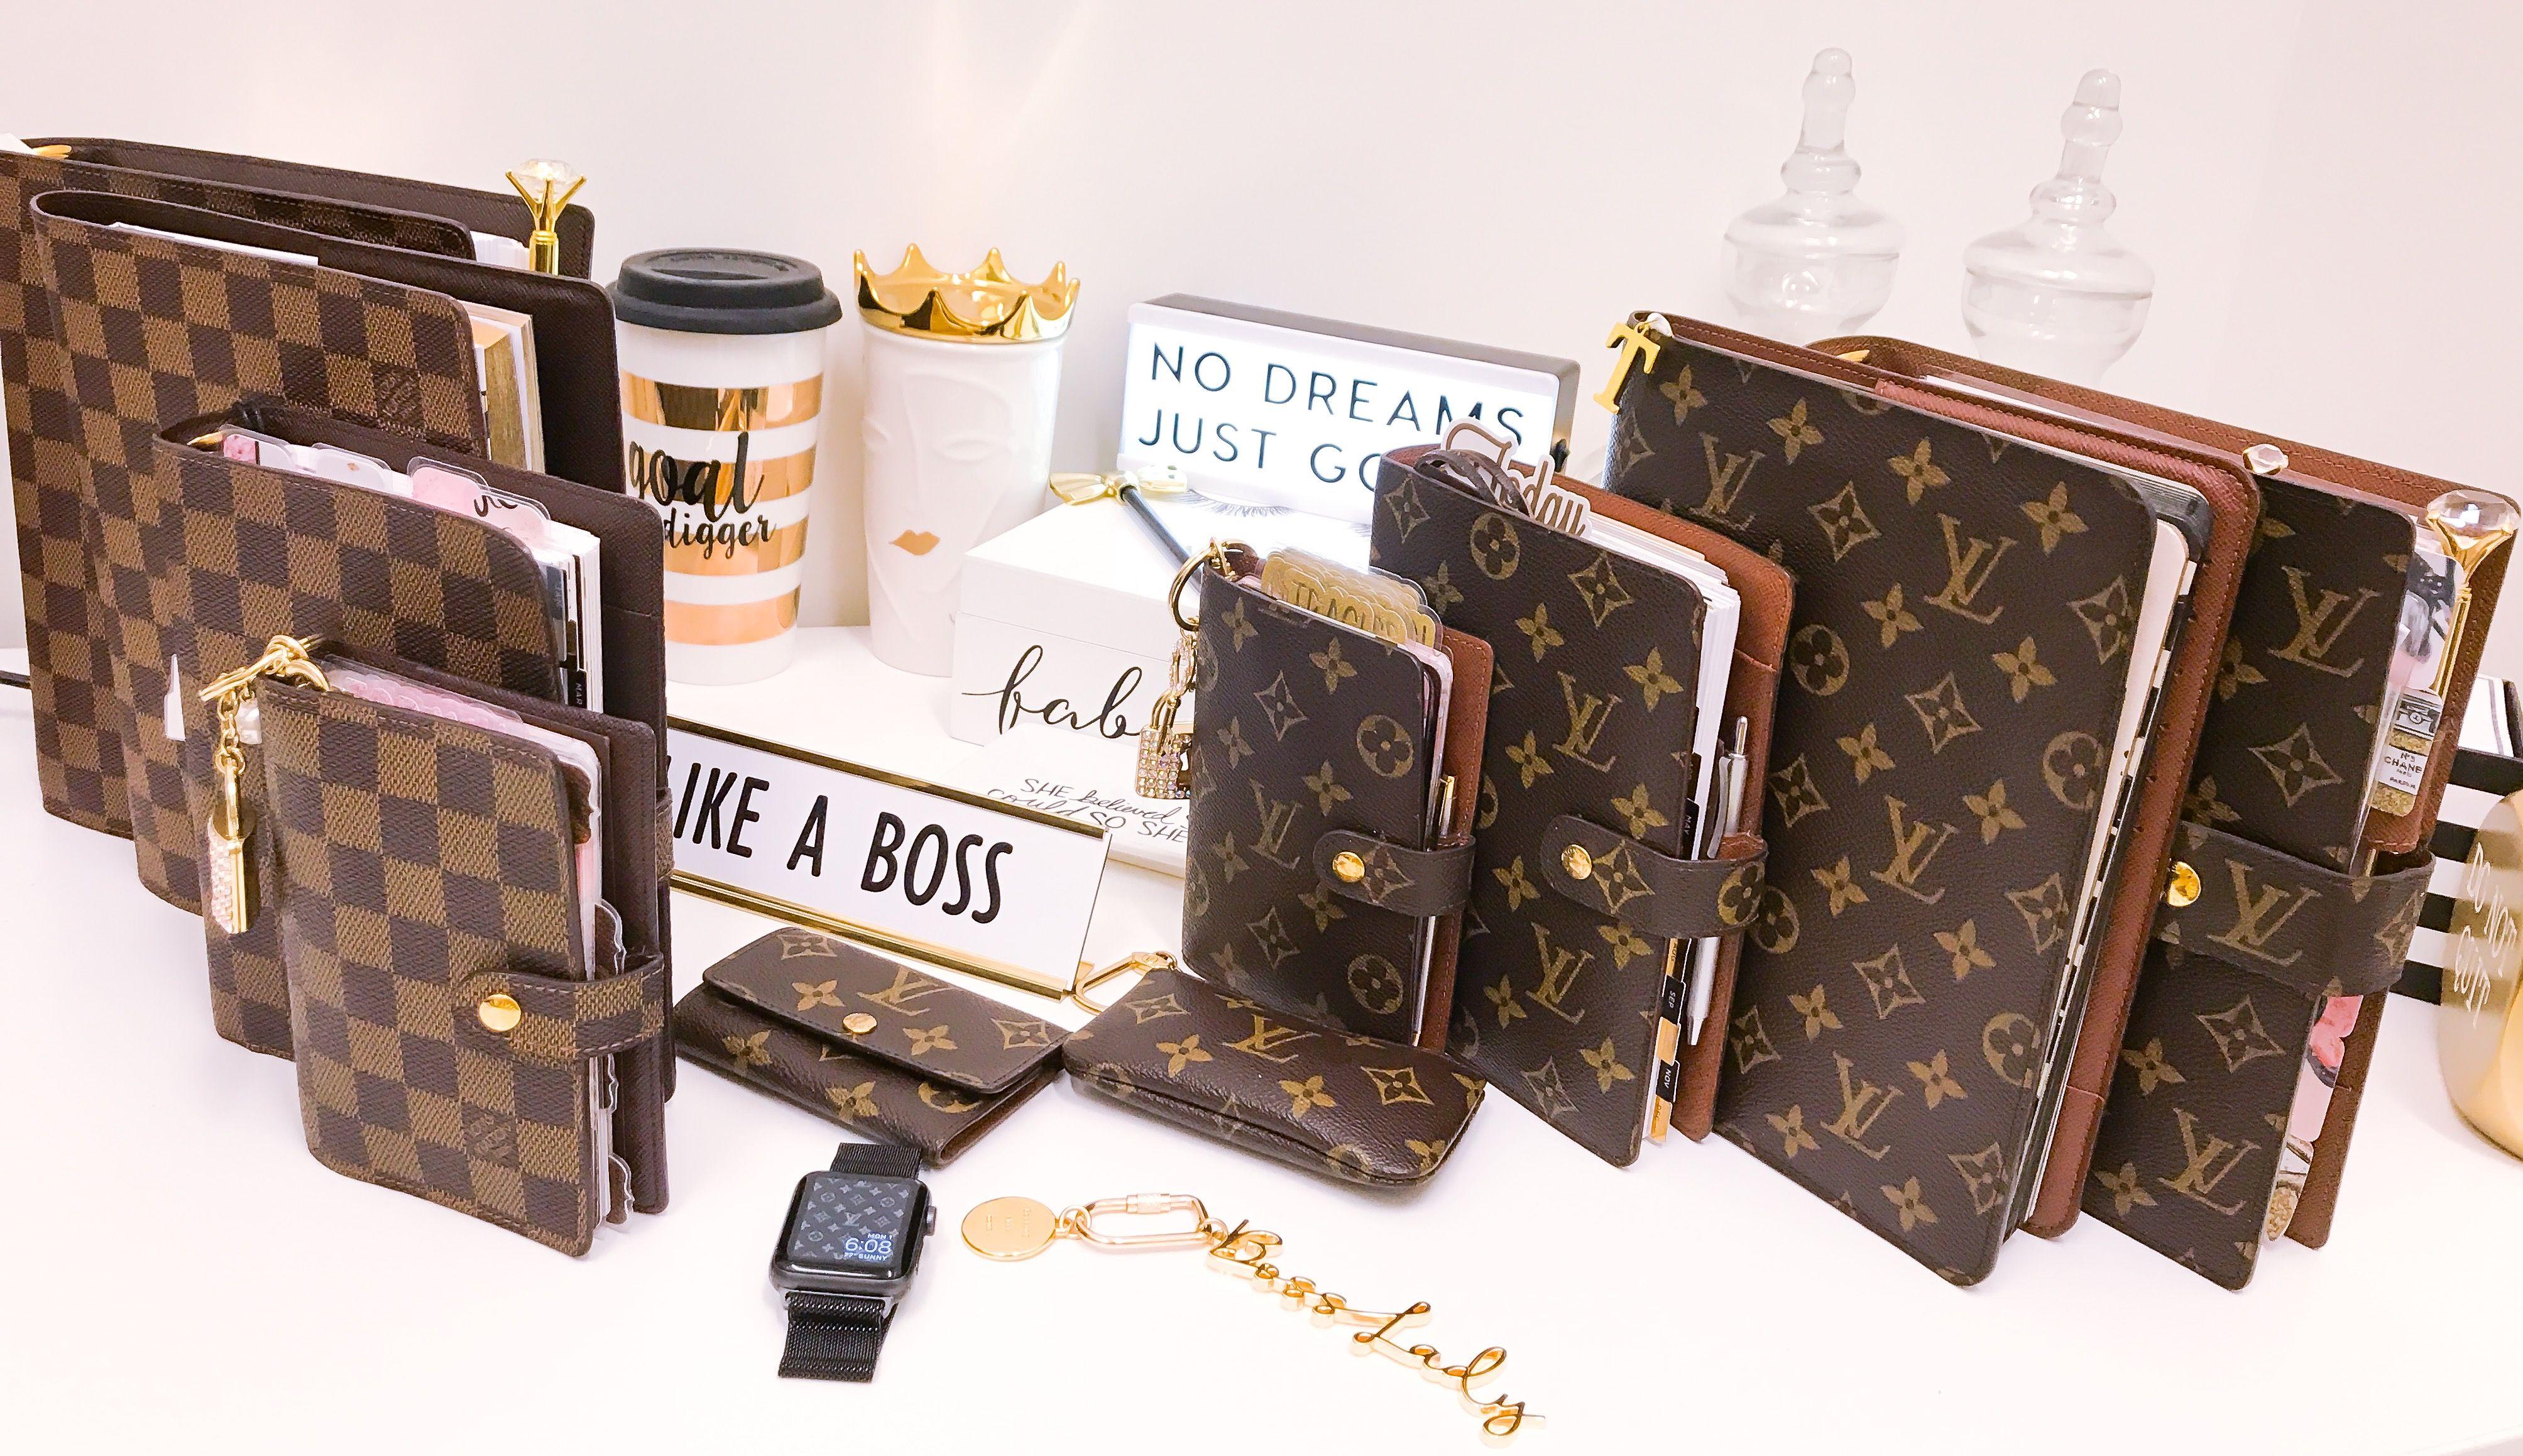 Louisvuitton Lvcover Lvnotebook Lvorganizer Pm Mm Gm Monogram Damierebene Mysty Louis Vuitton Planner Louis Vuitton Handbags Louis Vuitton Collection